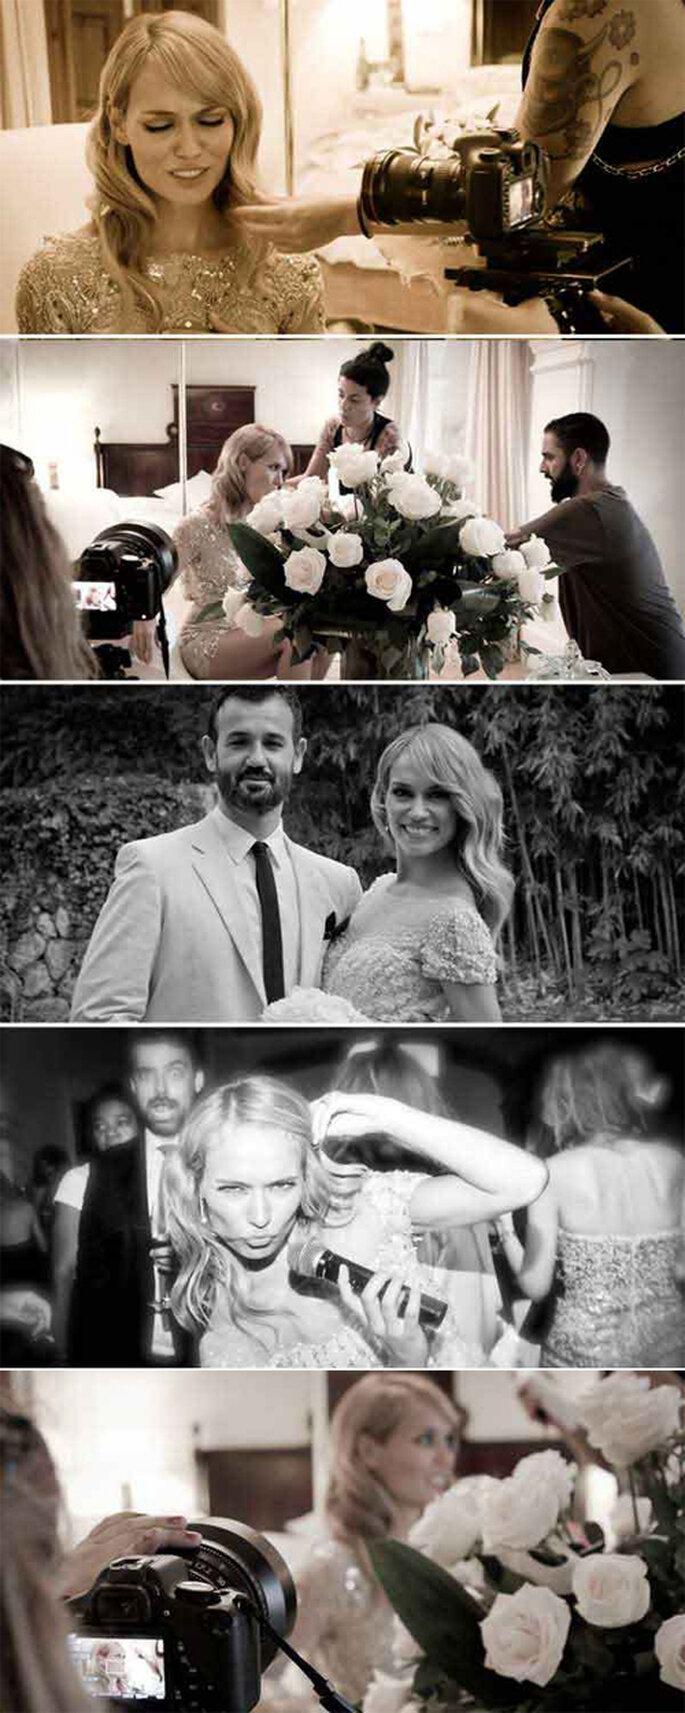 Las fotos de la boda nos dejan ver un poquito más de los vestidos de la novia, así como del maquillaje y el peinado. Foto: hola.com